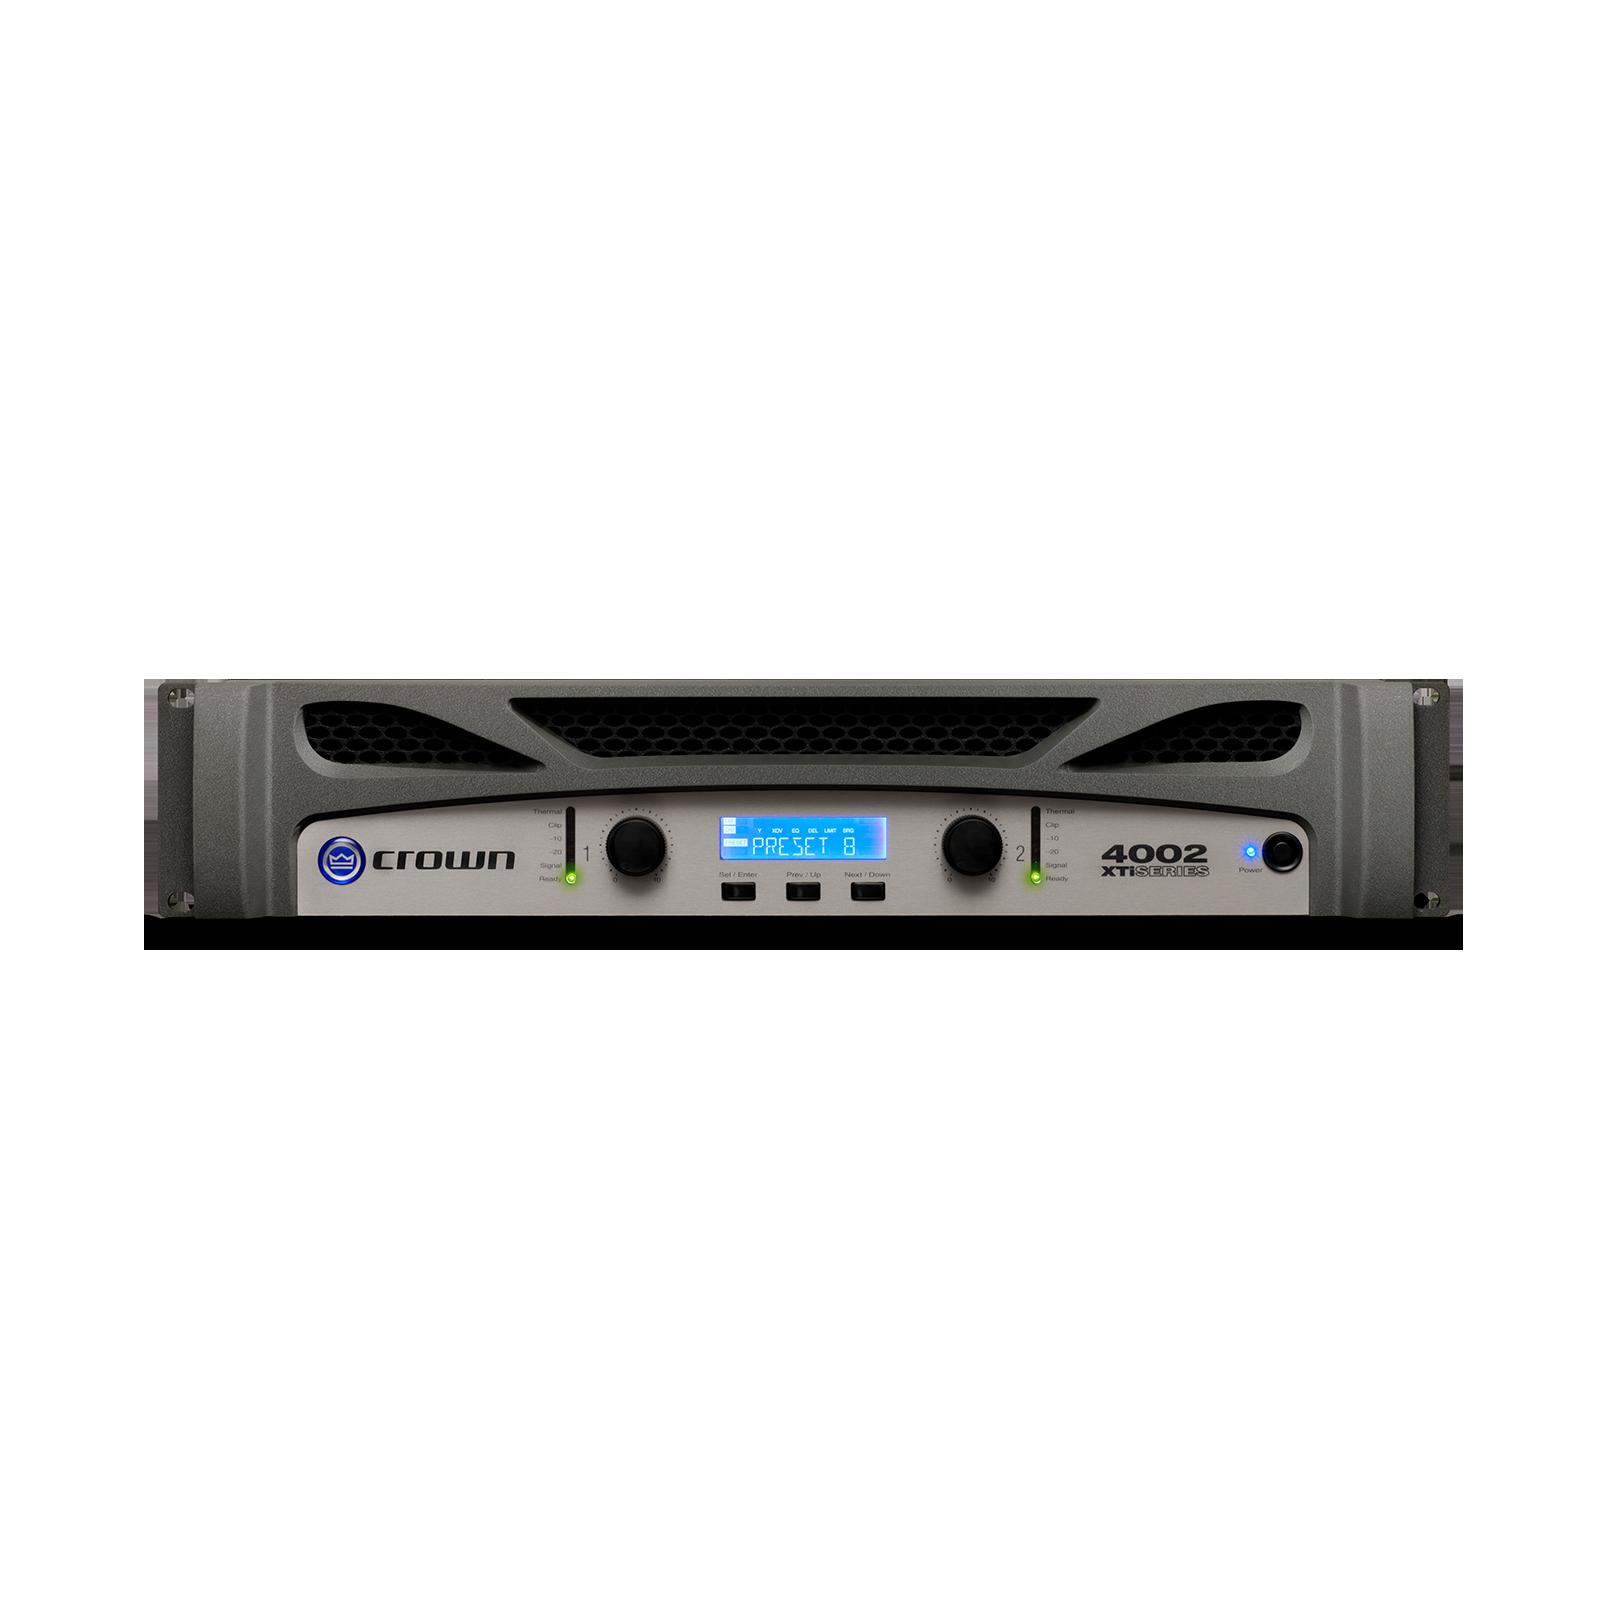 XTi 4002 - Grey - Two-channel, 1200W @ 4Ω power amplifier - Hero